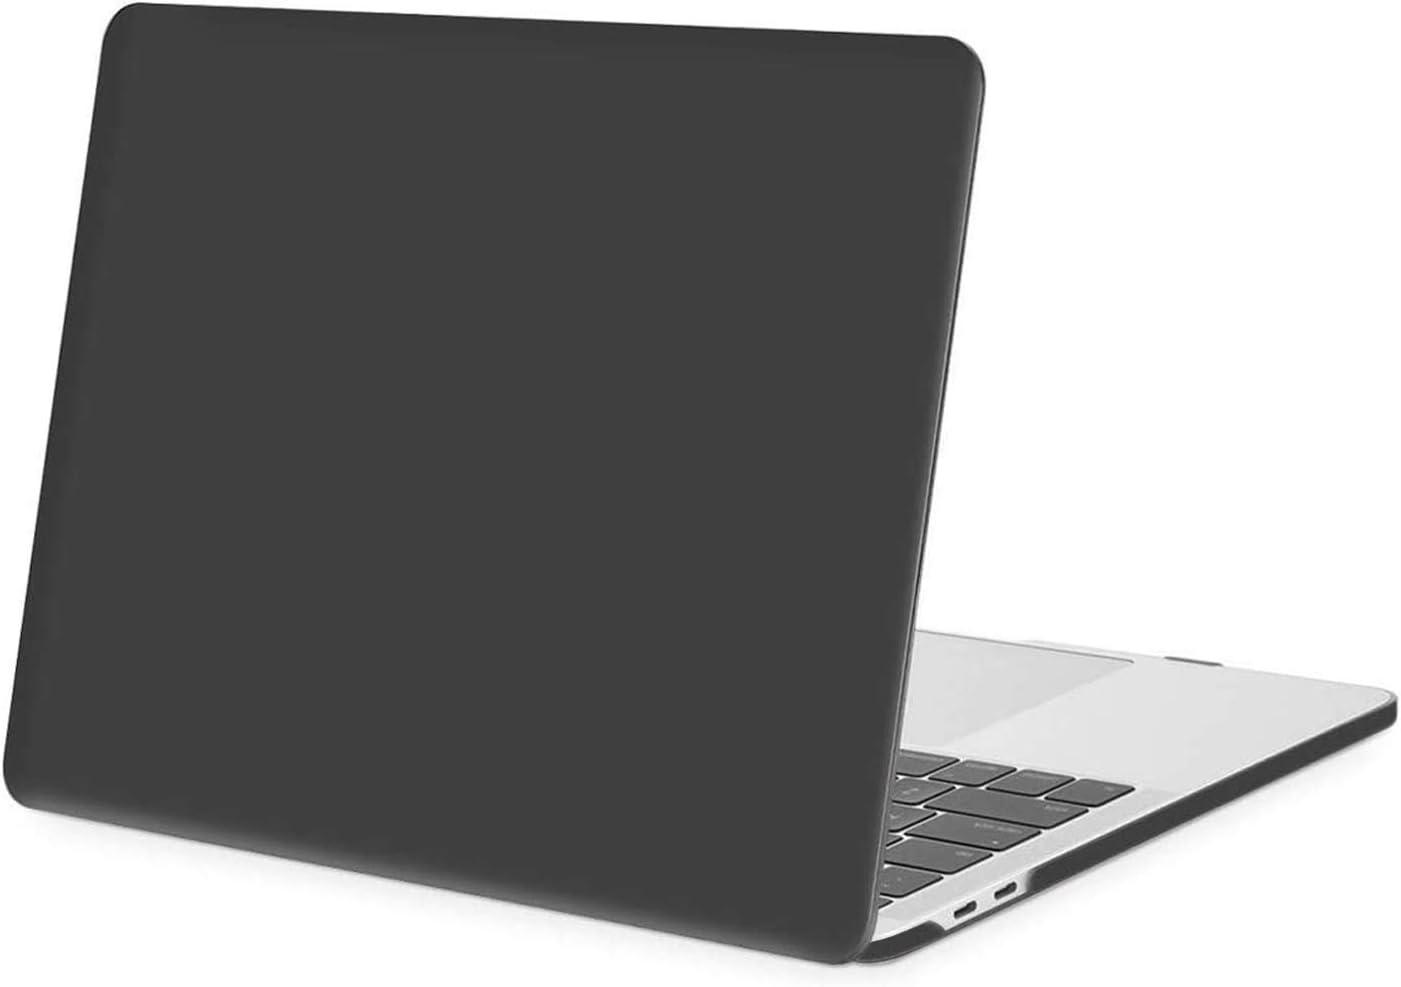 Funda Para Macbook Pro 13 (a2289 A2251 A2159 A1989 A1 (LHPX)